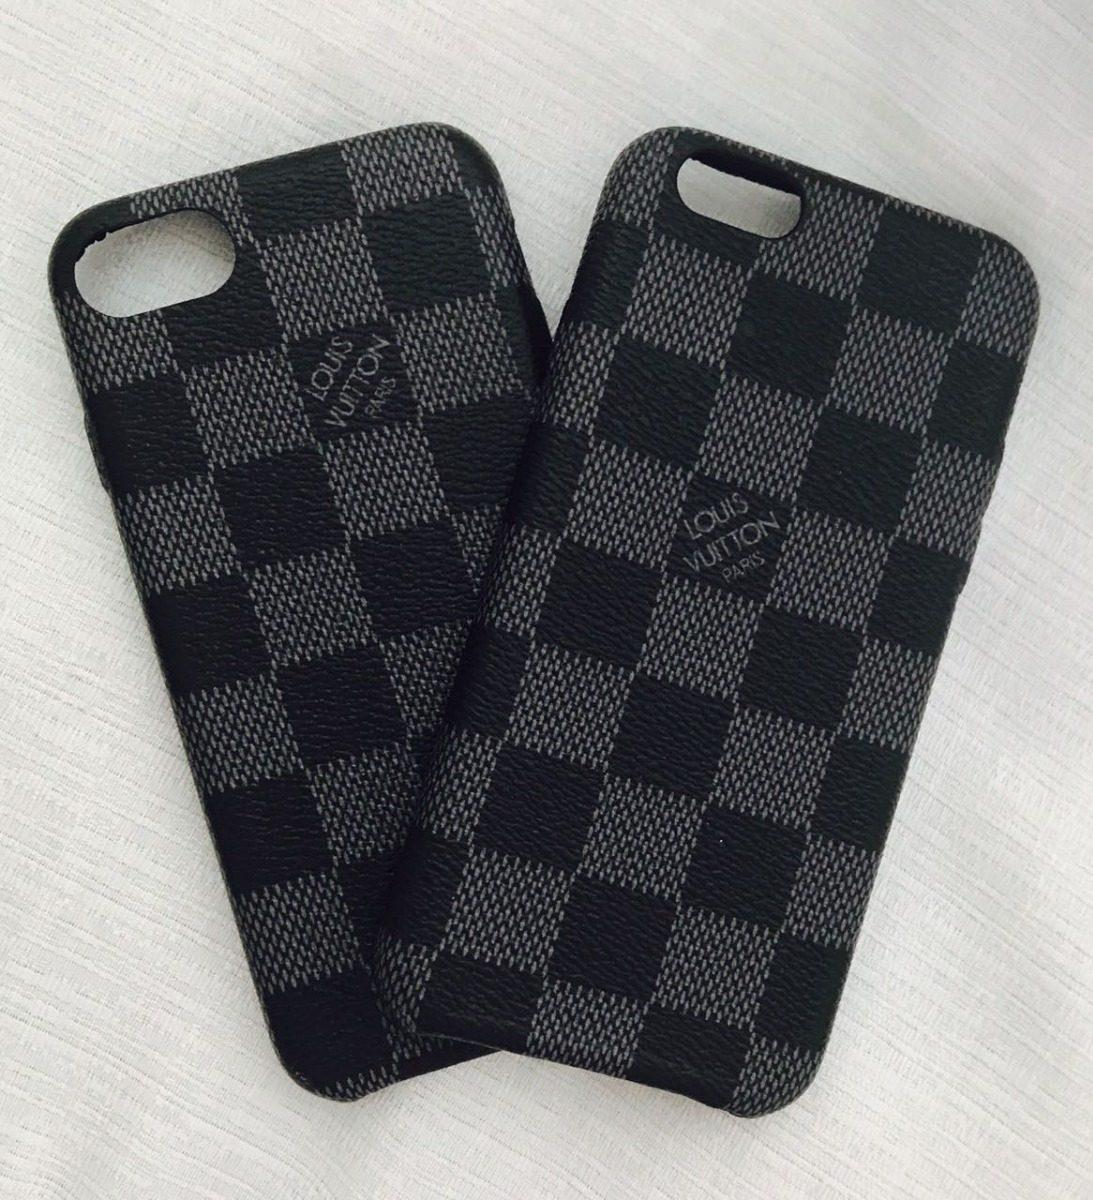 huge discount cd0d7 dfa0d Capa Case Louis Vuitton Damier iPhone 6 Plus E 6s Plus